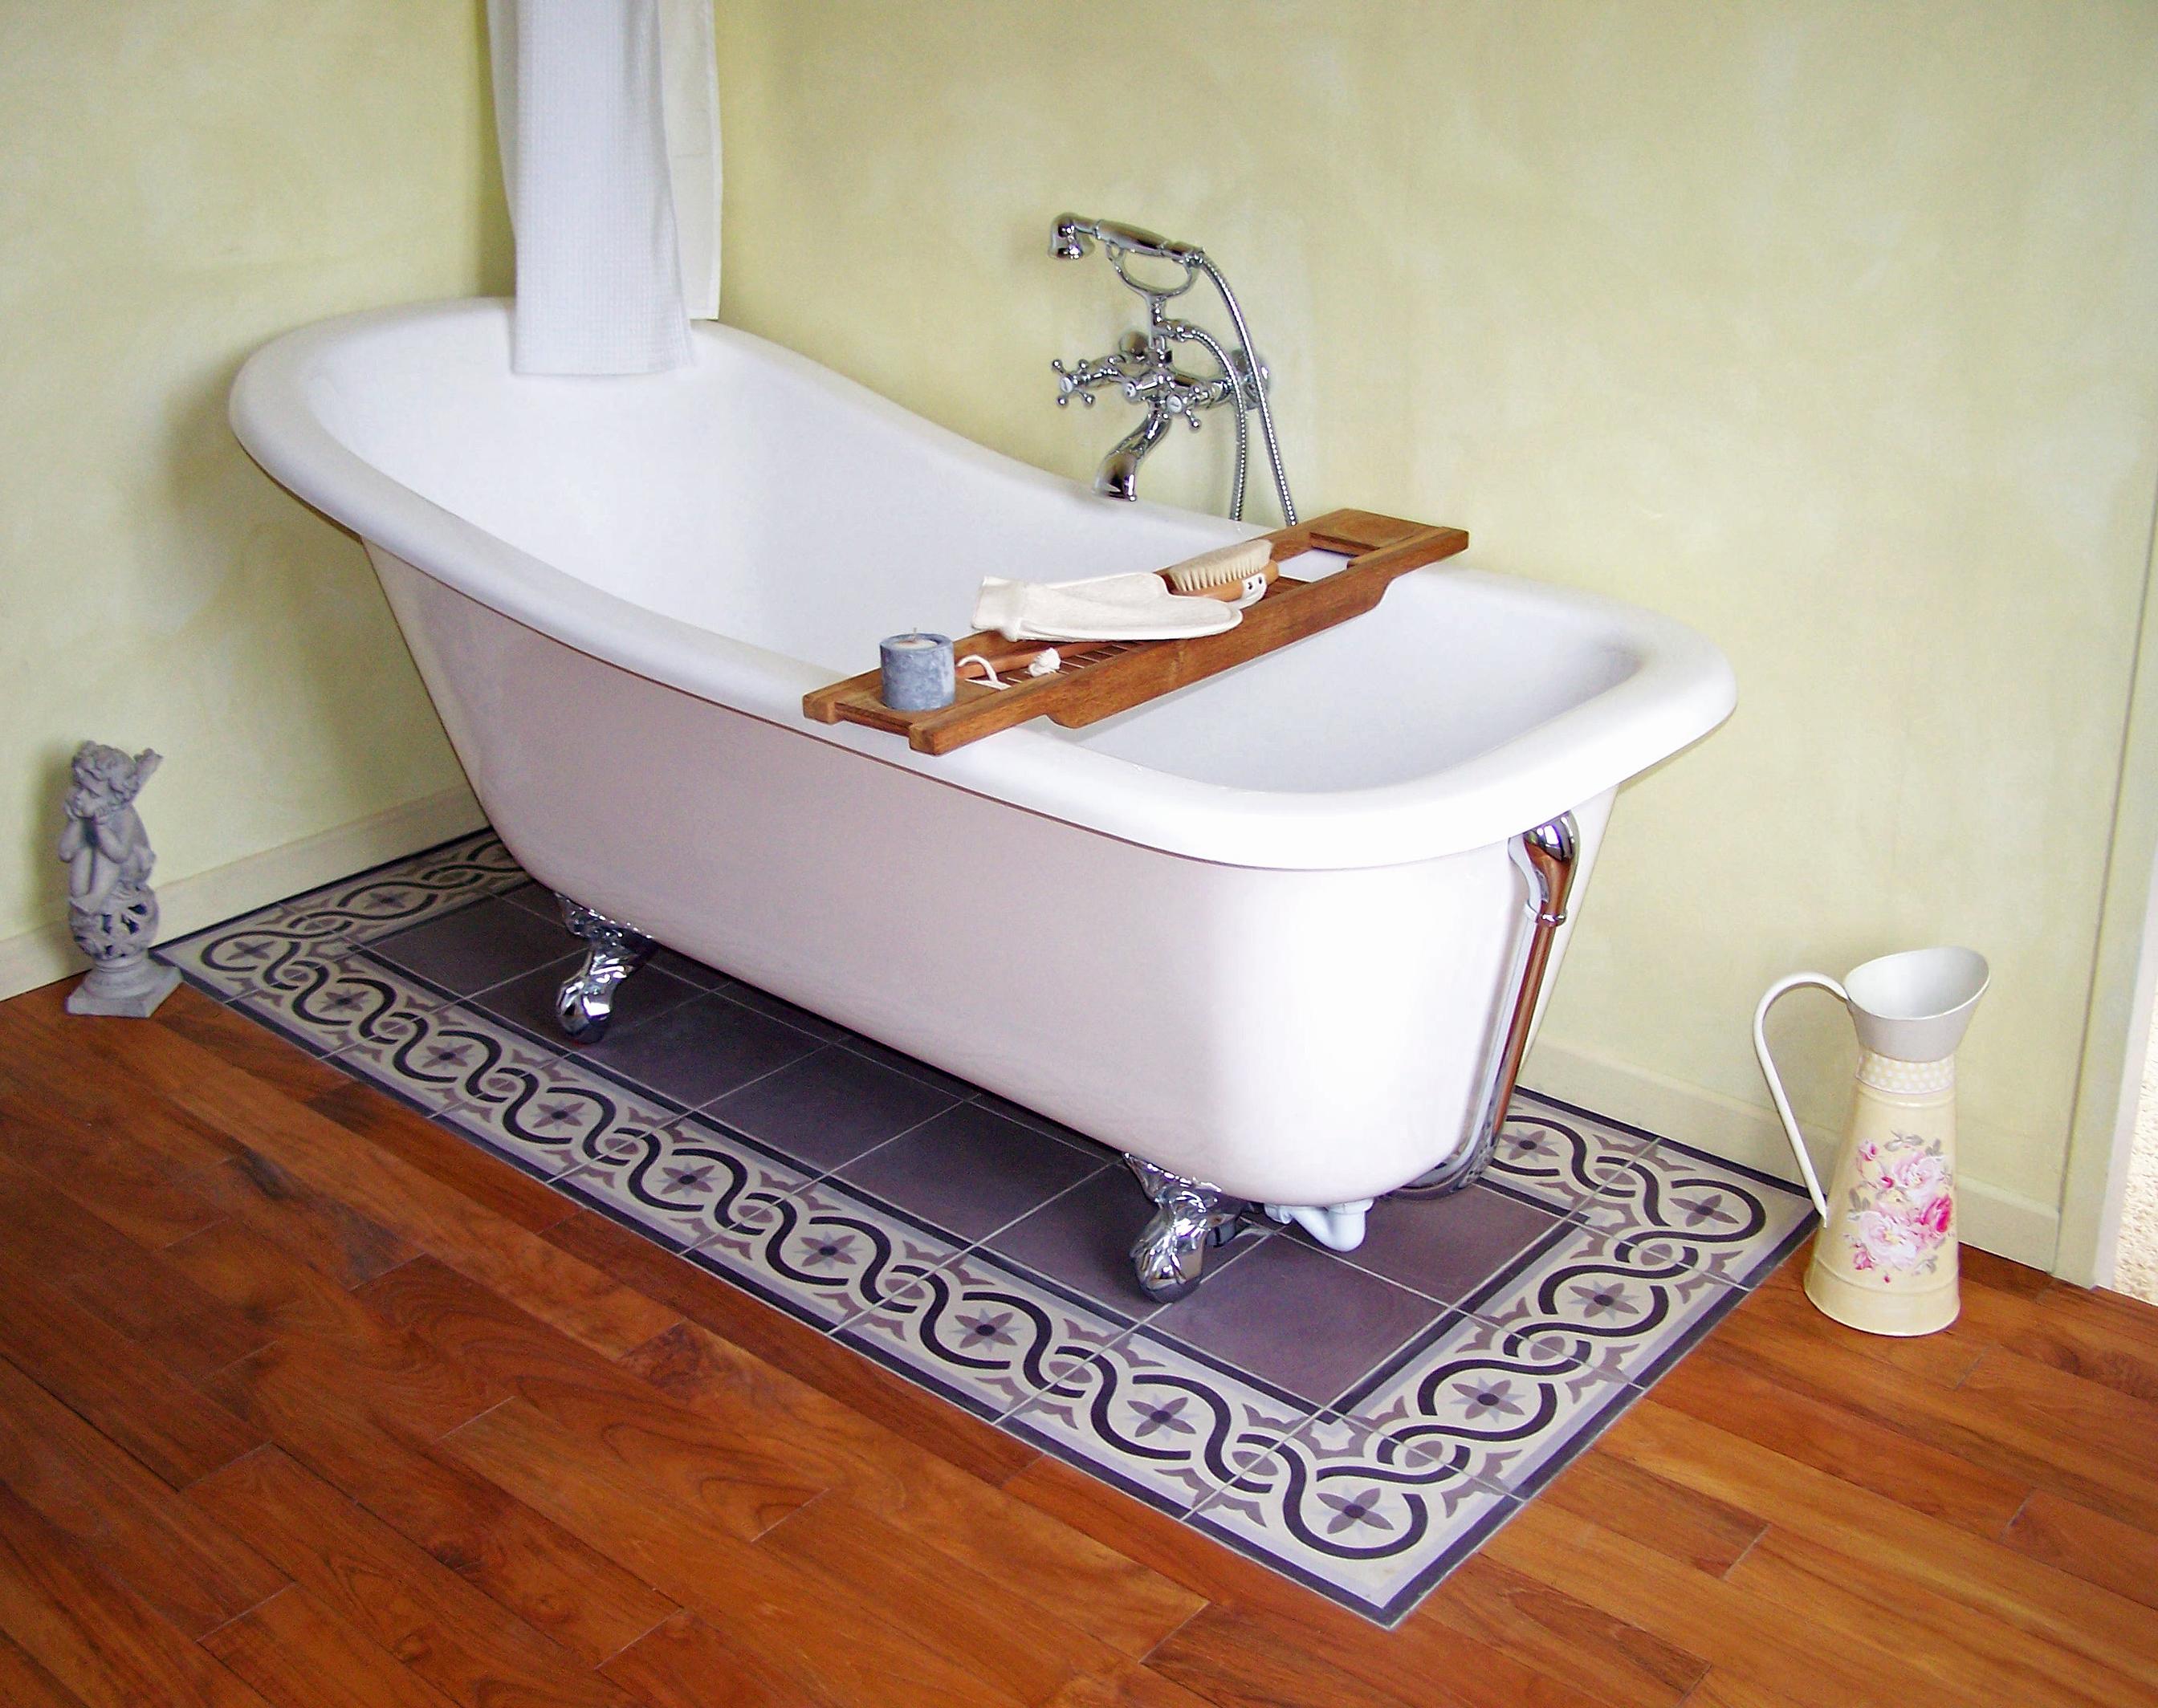 violette fliesen aus spanien. Black Bedroom Furniture Sets. Home Design Ideas